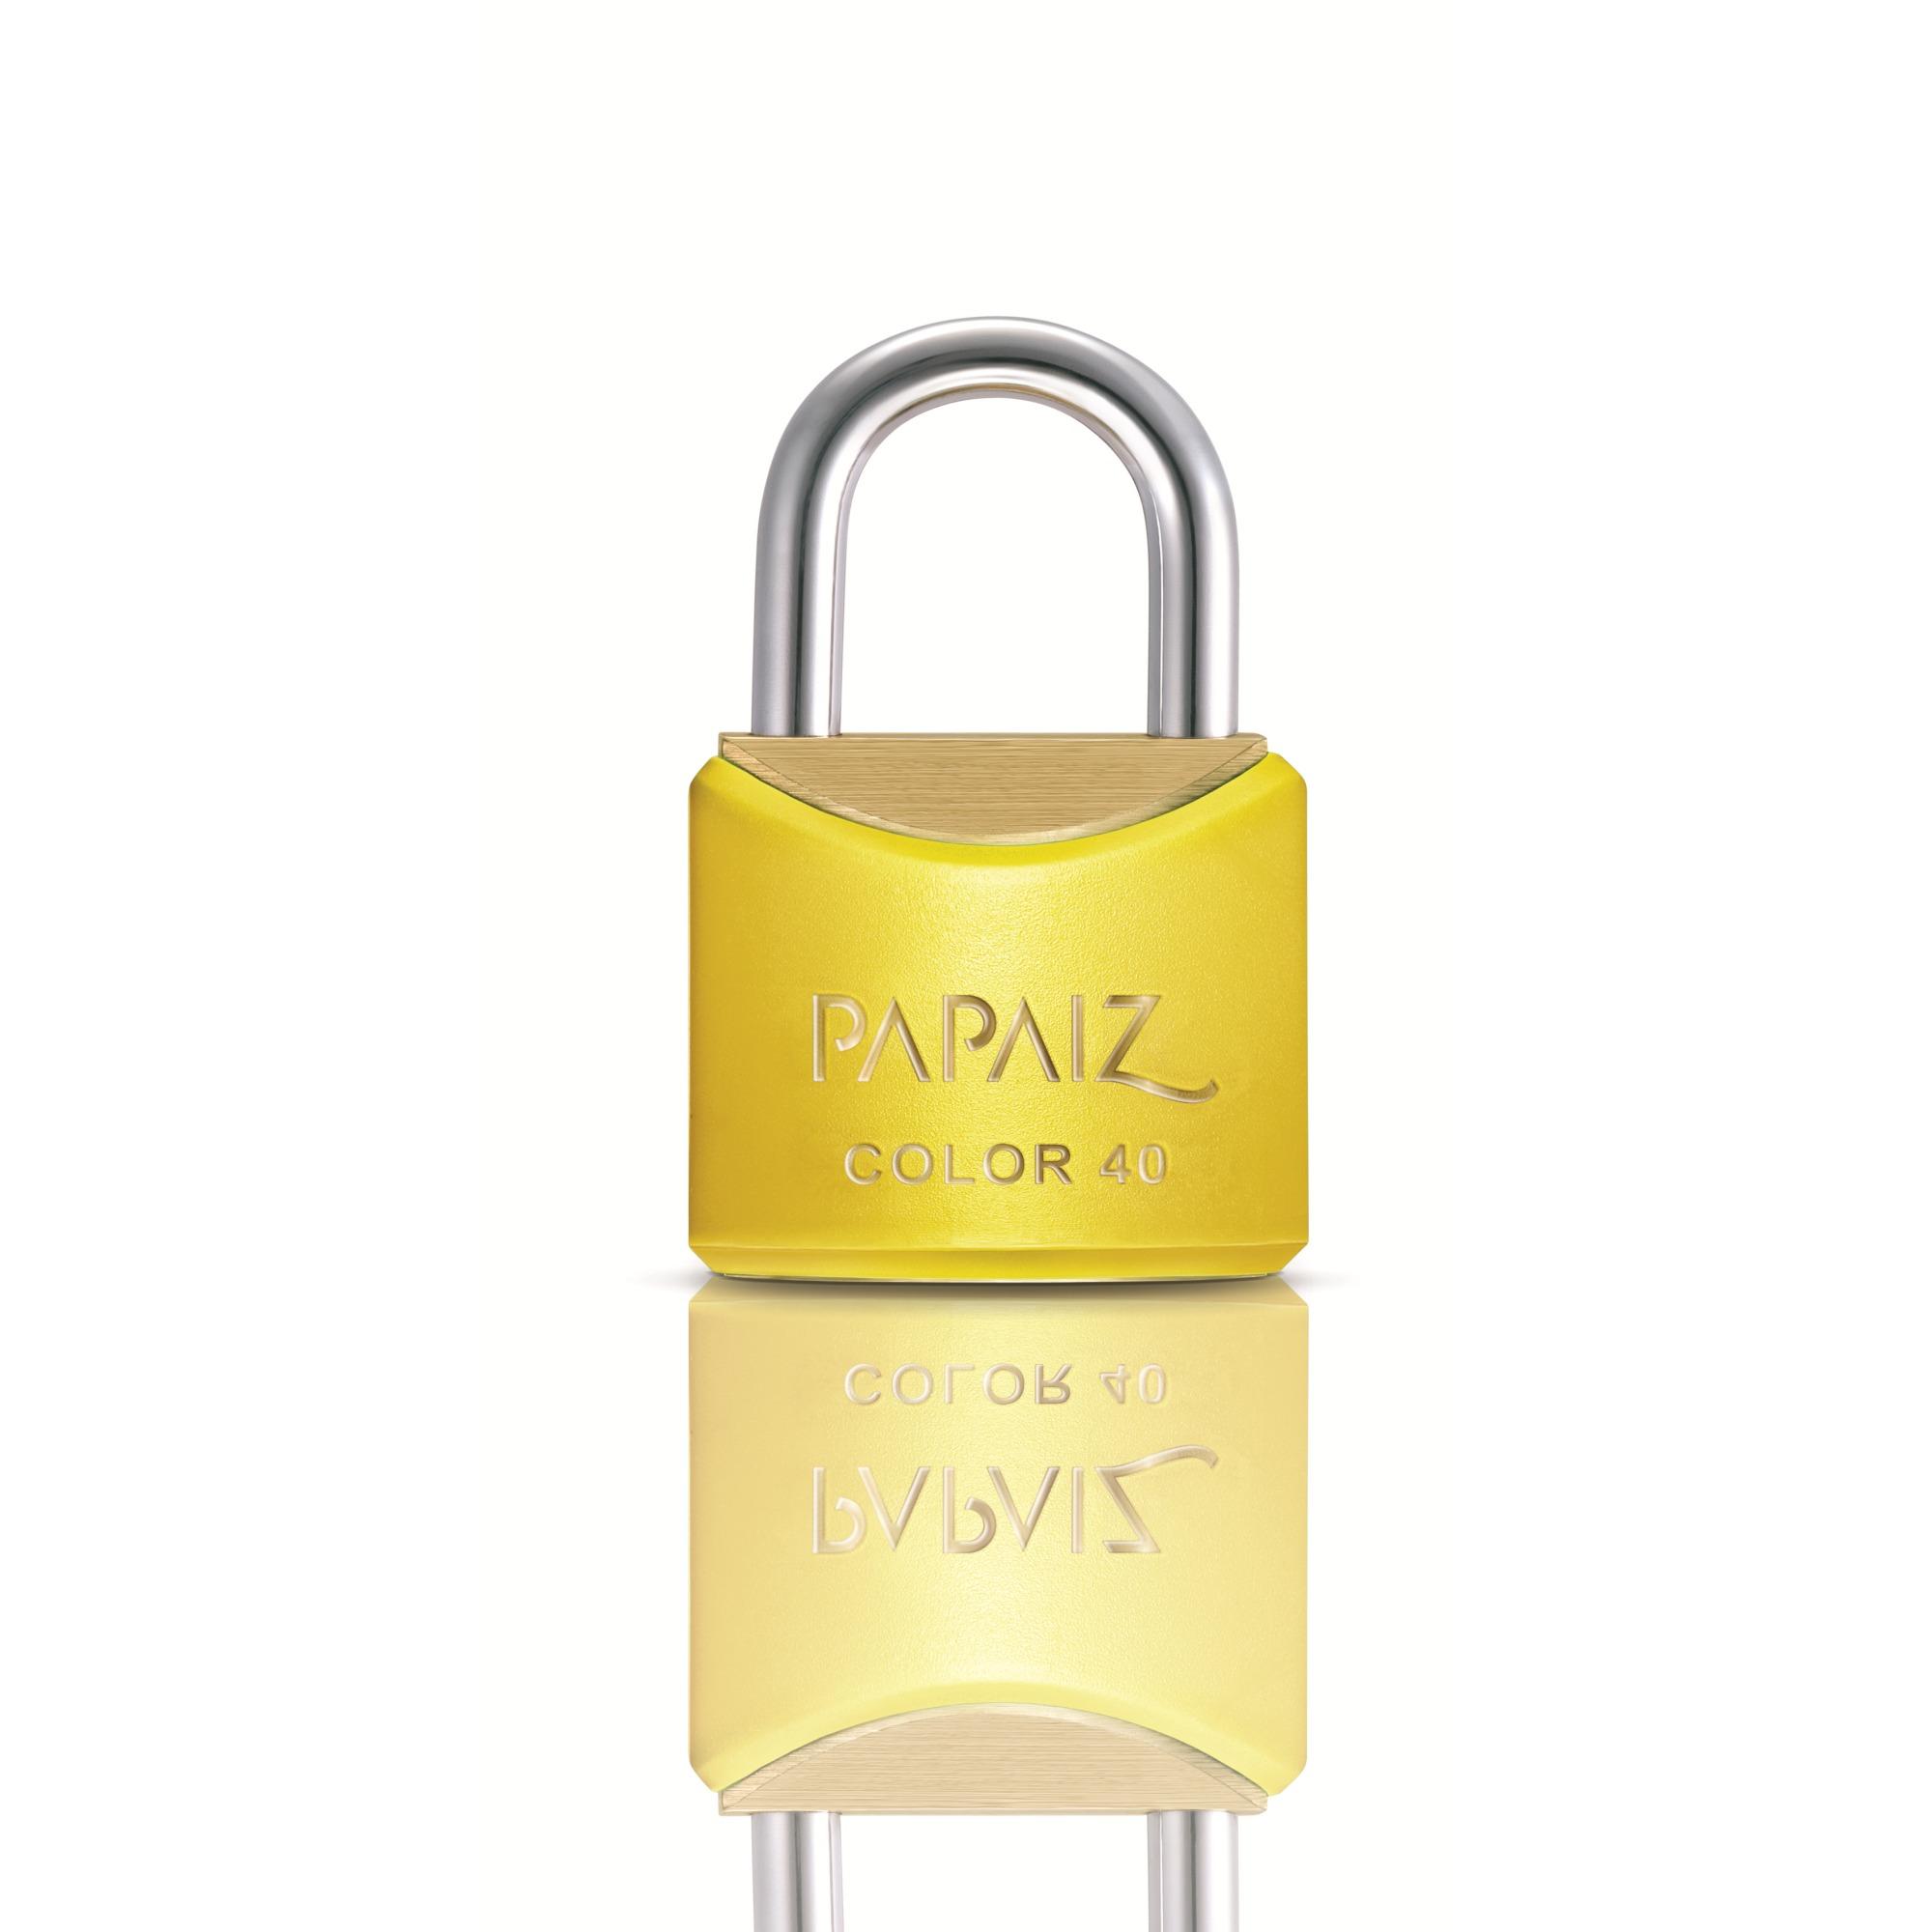 Cadeado Latao 40 mm Amarelo - 1 Unidade - Color Papaiz